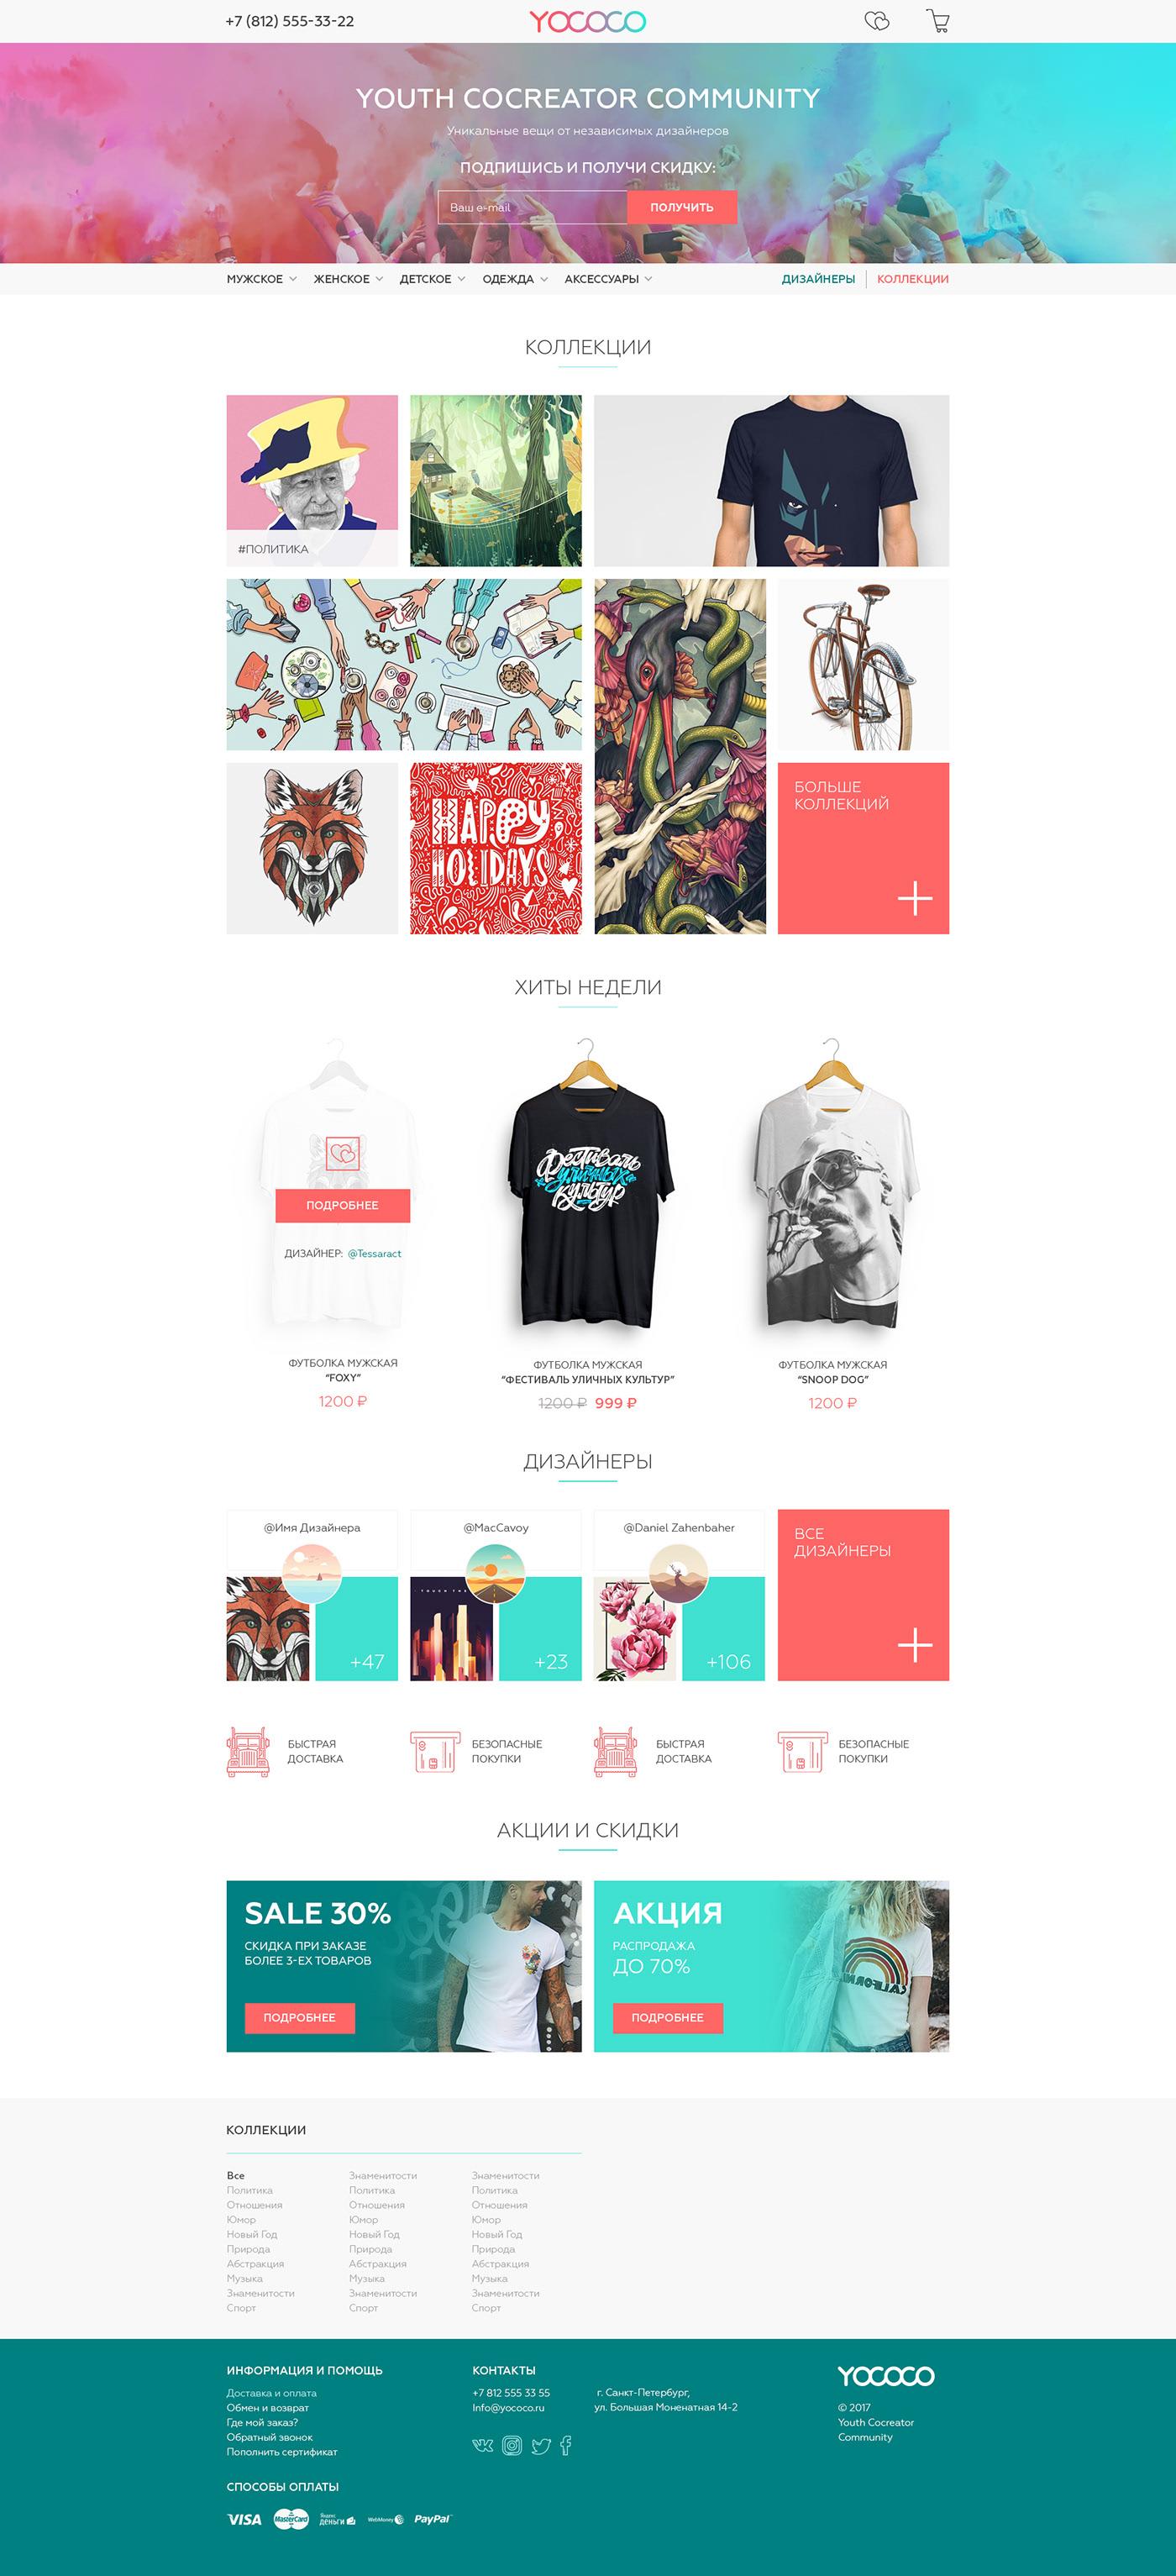 разработка дизайна интернет магазина 4